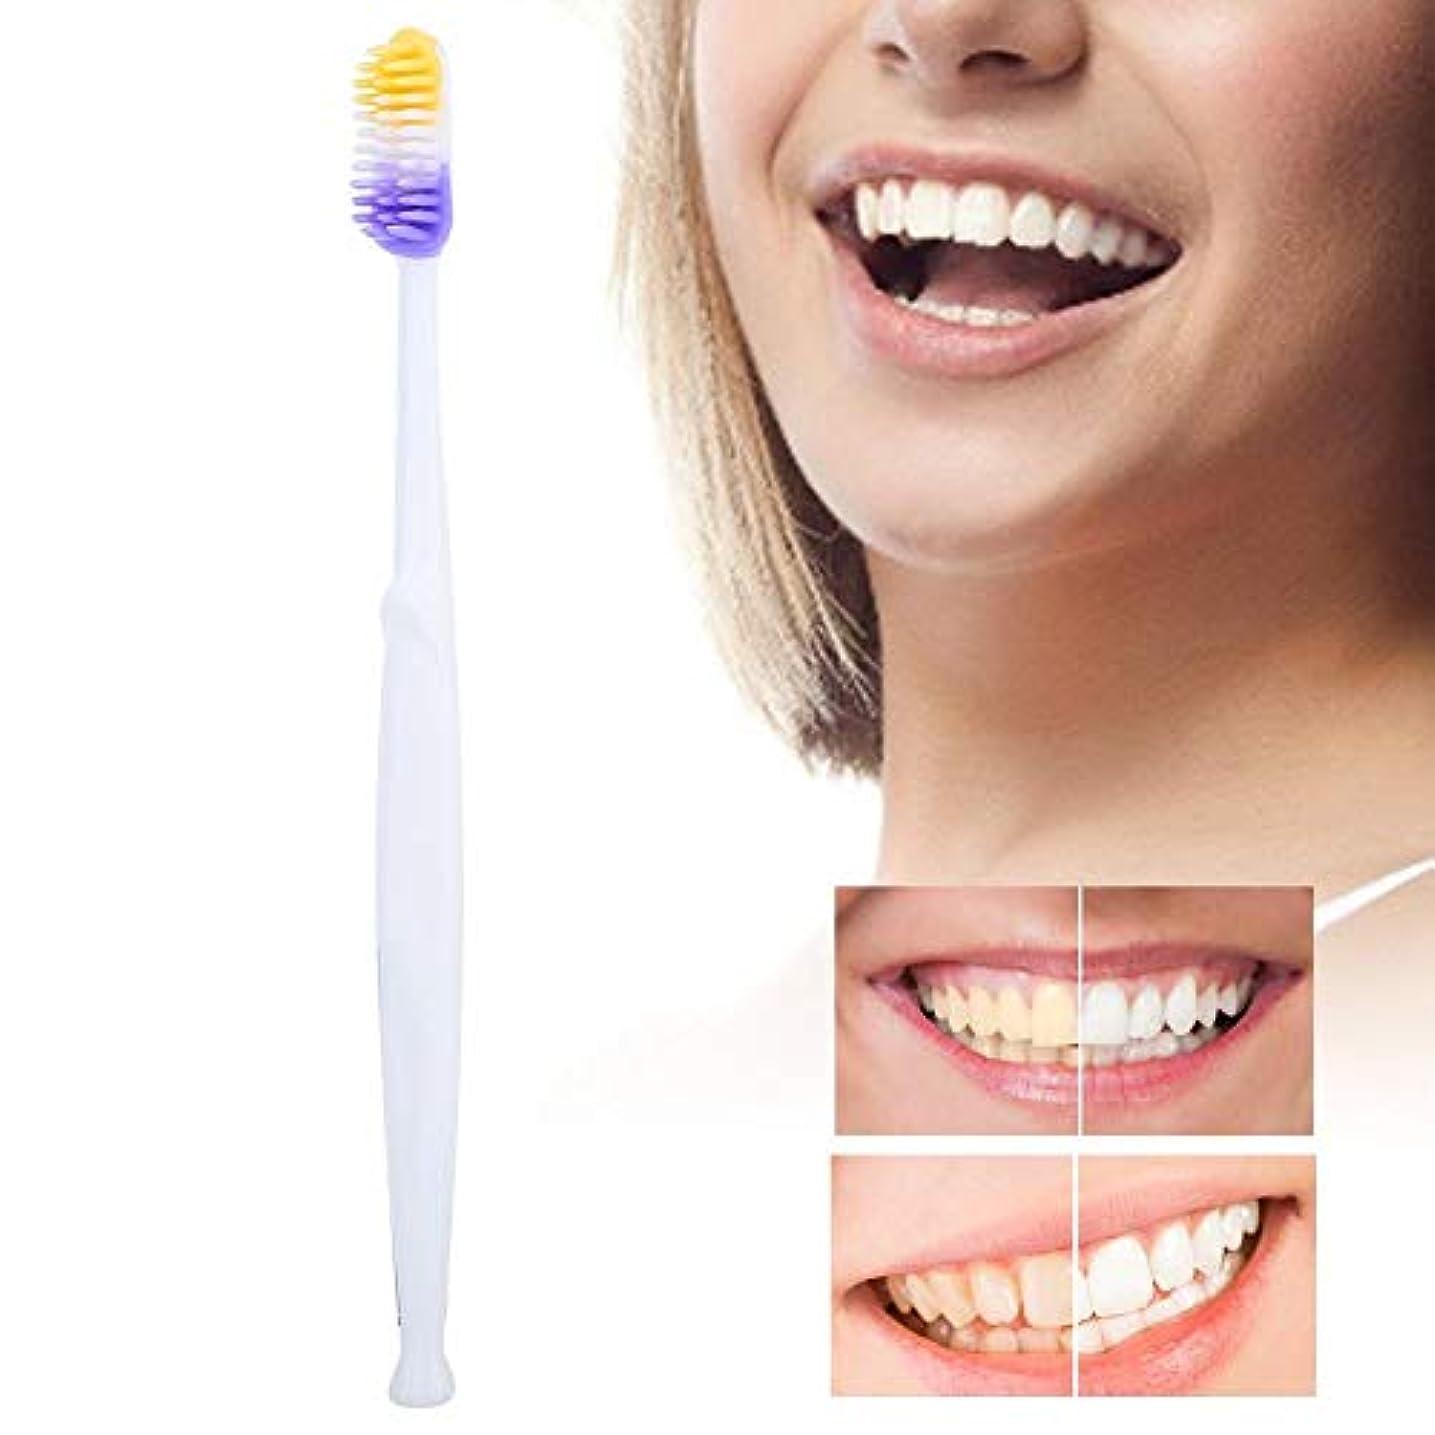 放散するコントローラ何もない歯ブラシ、妊娠中の産後の女性のオーラルケア用具のためのシリコーンの柔らかい毛の歯ブラシのクリーニングの歯ブラシ